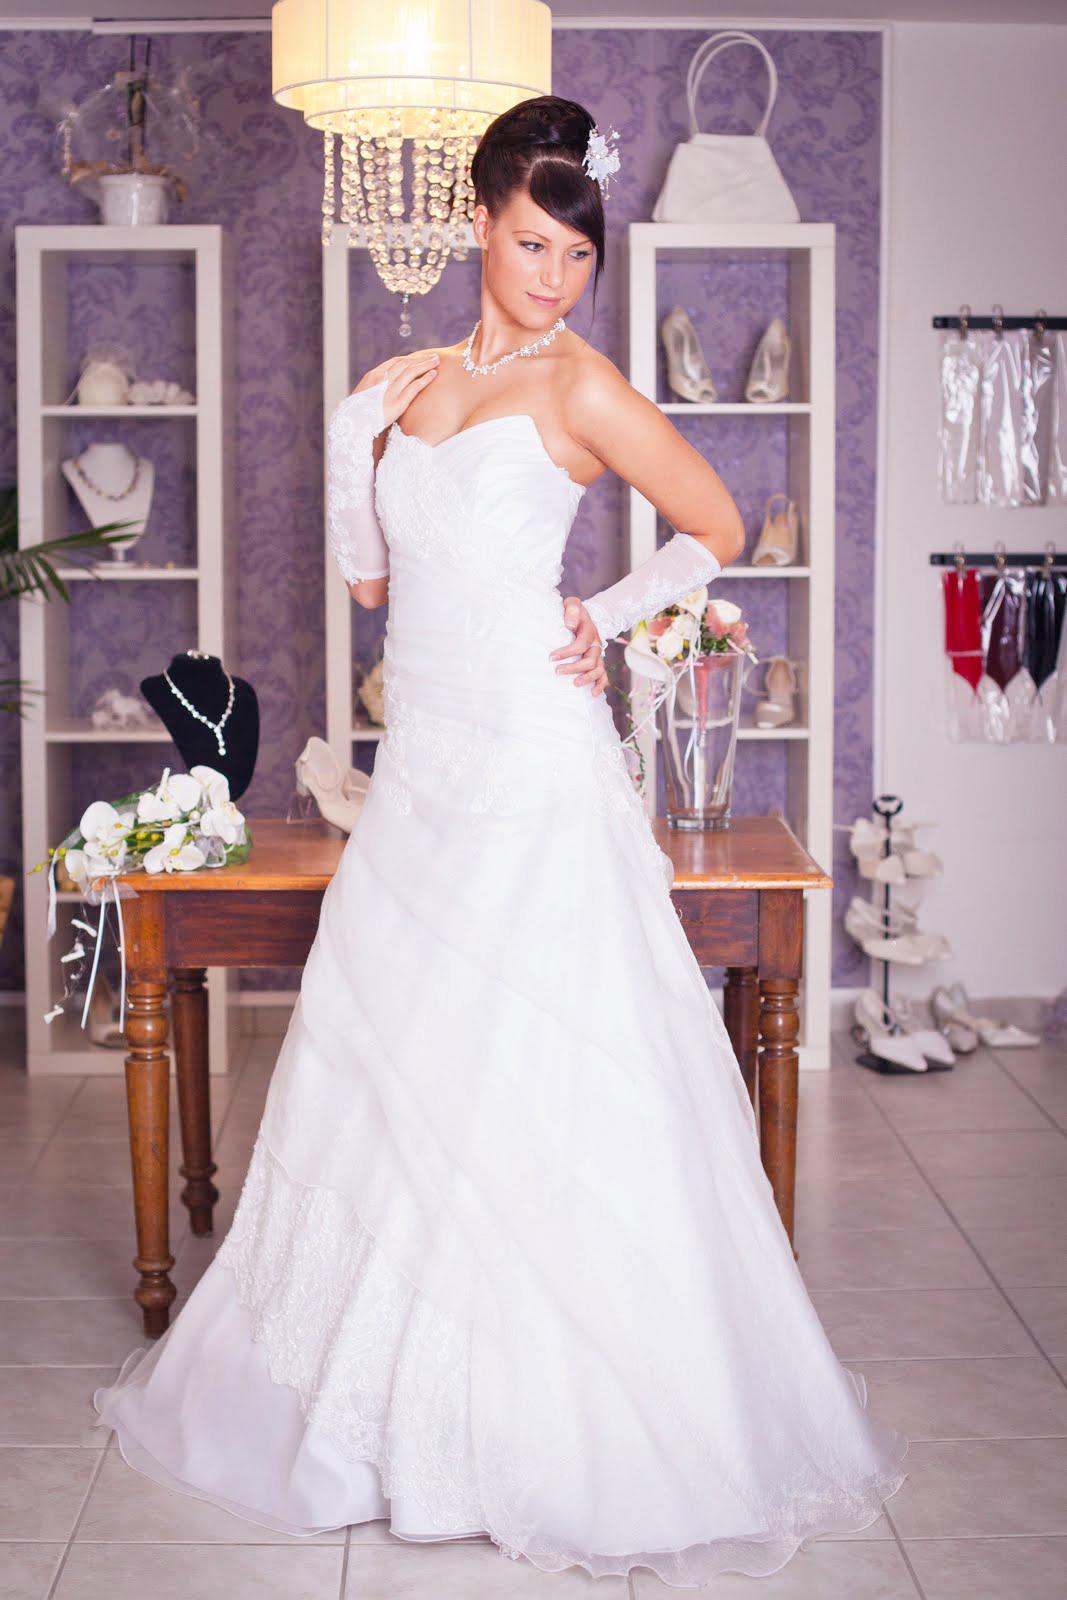 Finden Sie potenzielle russische Braut